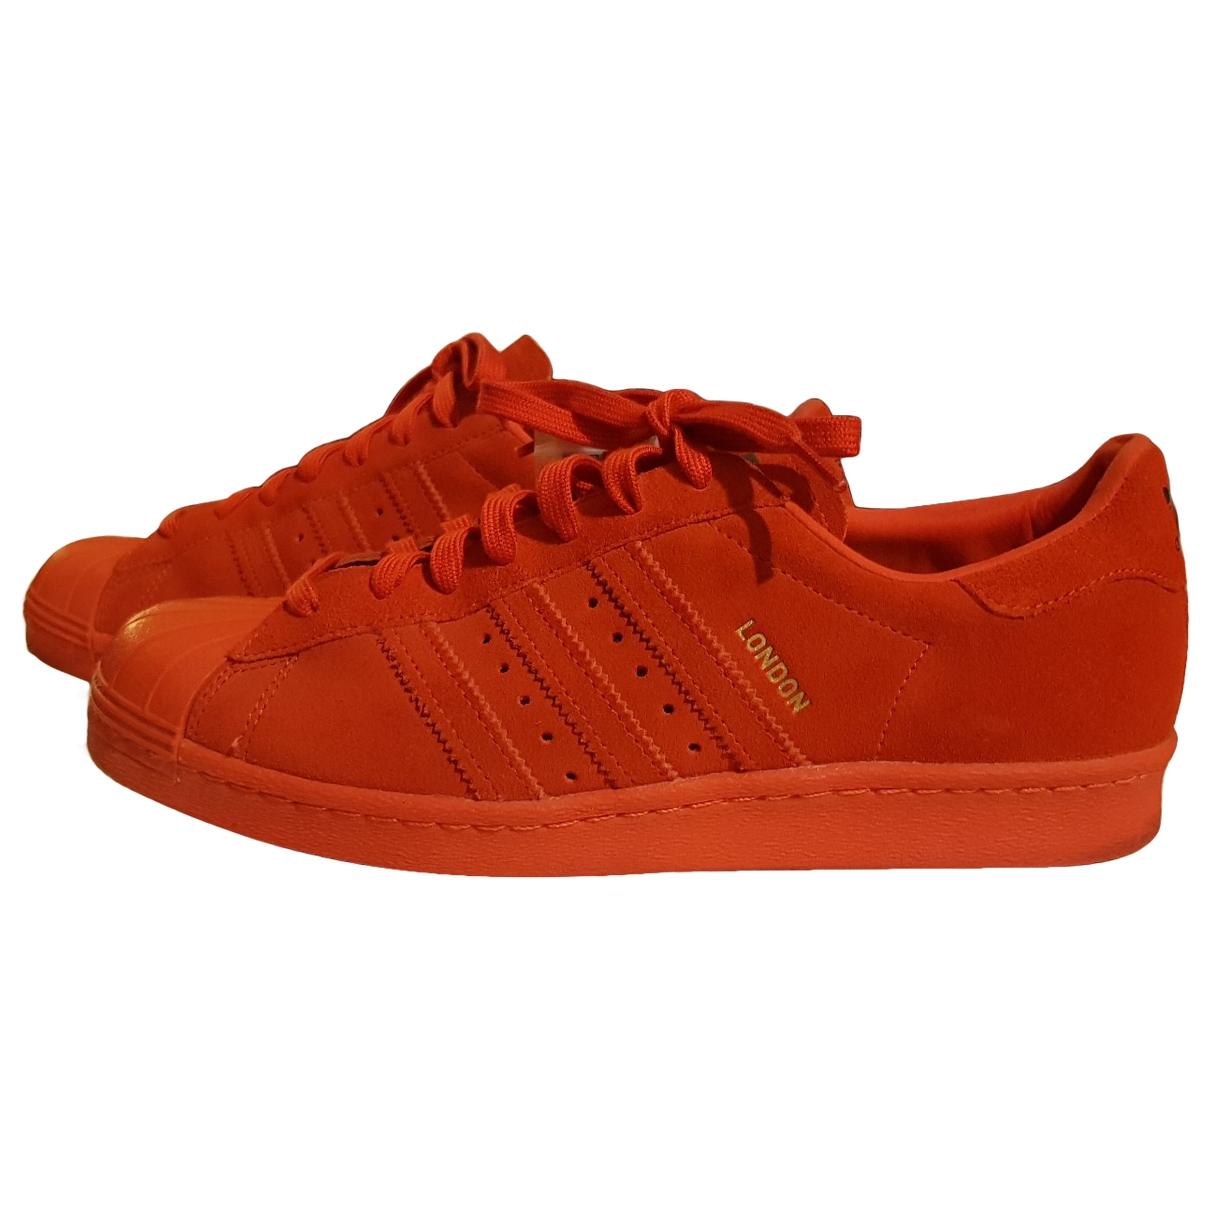 Adidas - Baskets Superstar pour homme en cuir - rouge